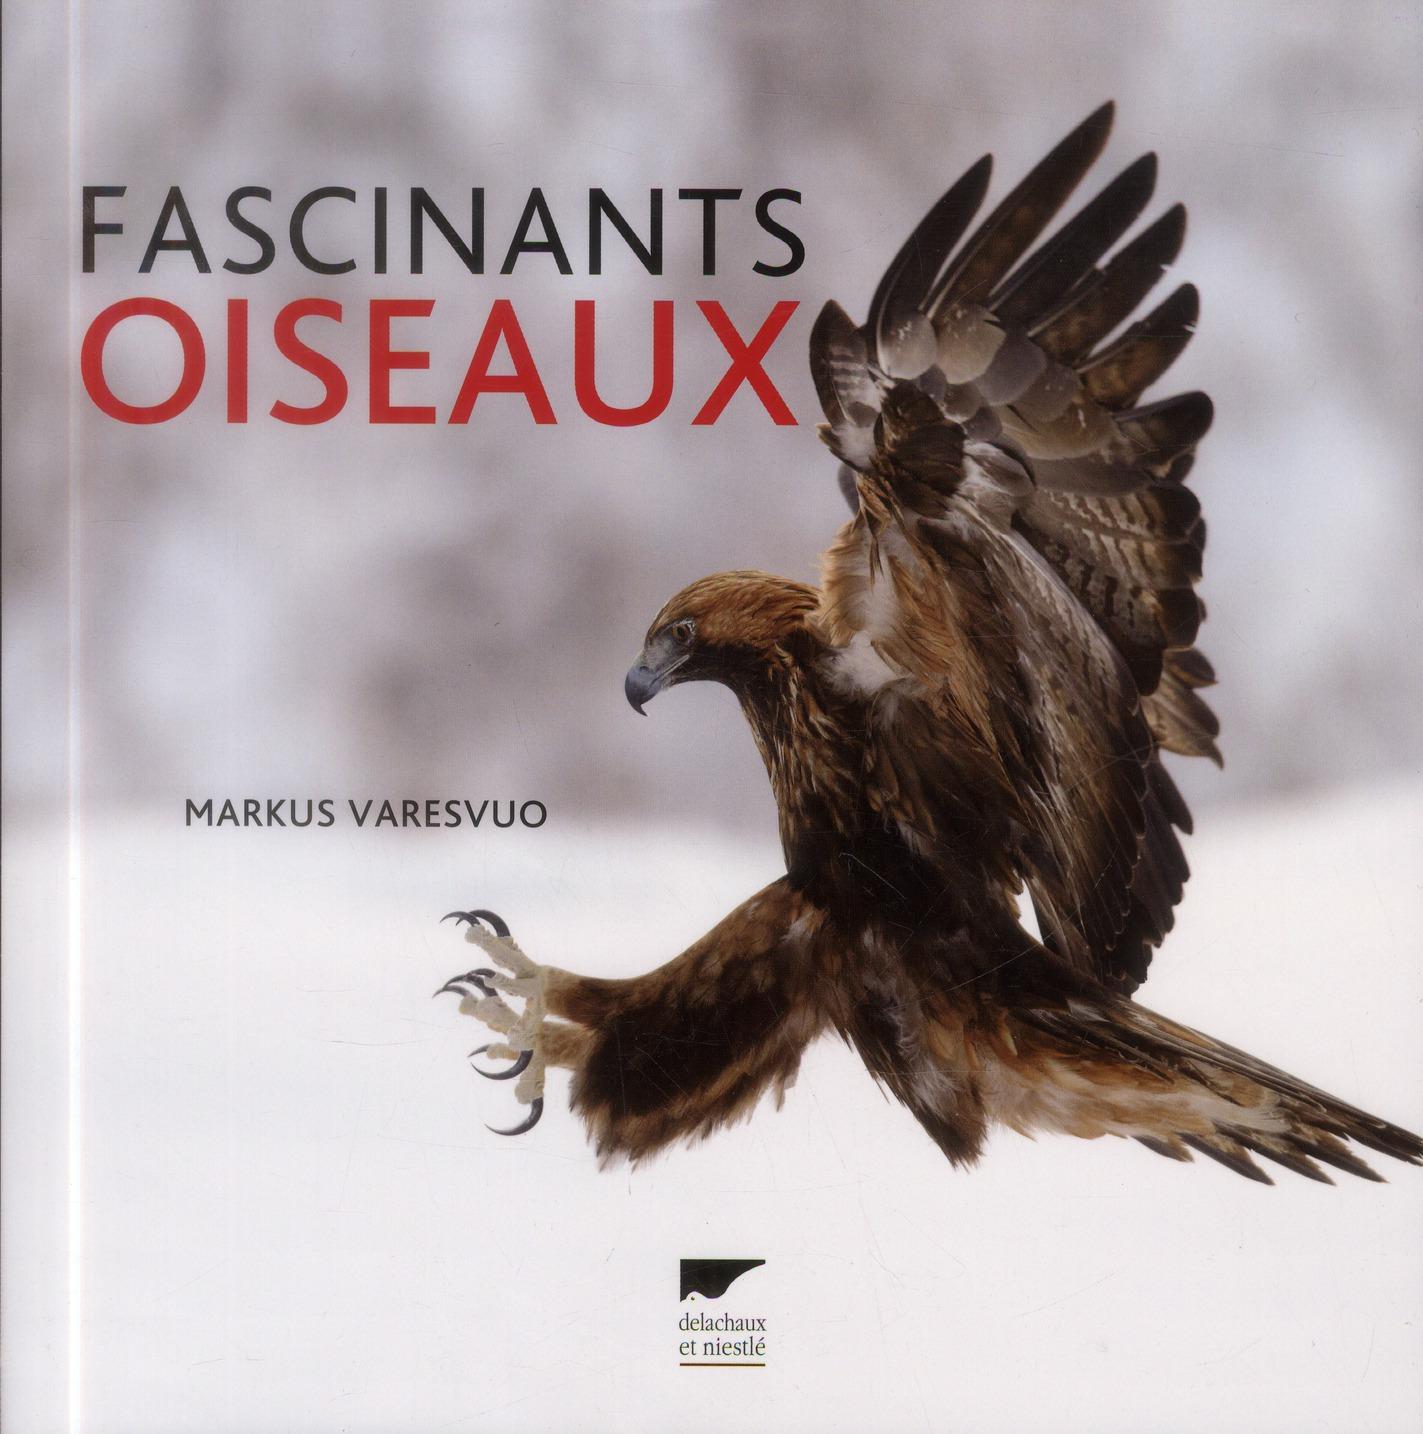 FASCINANTS OISEAUX